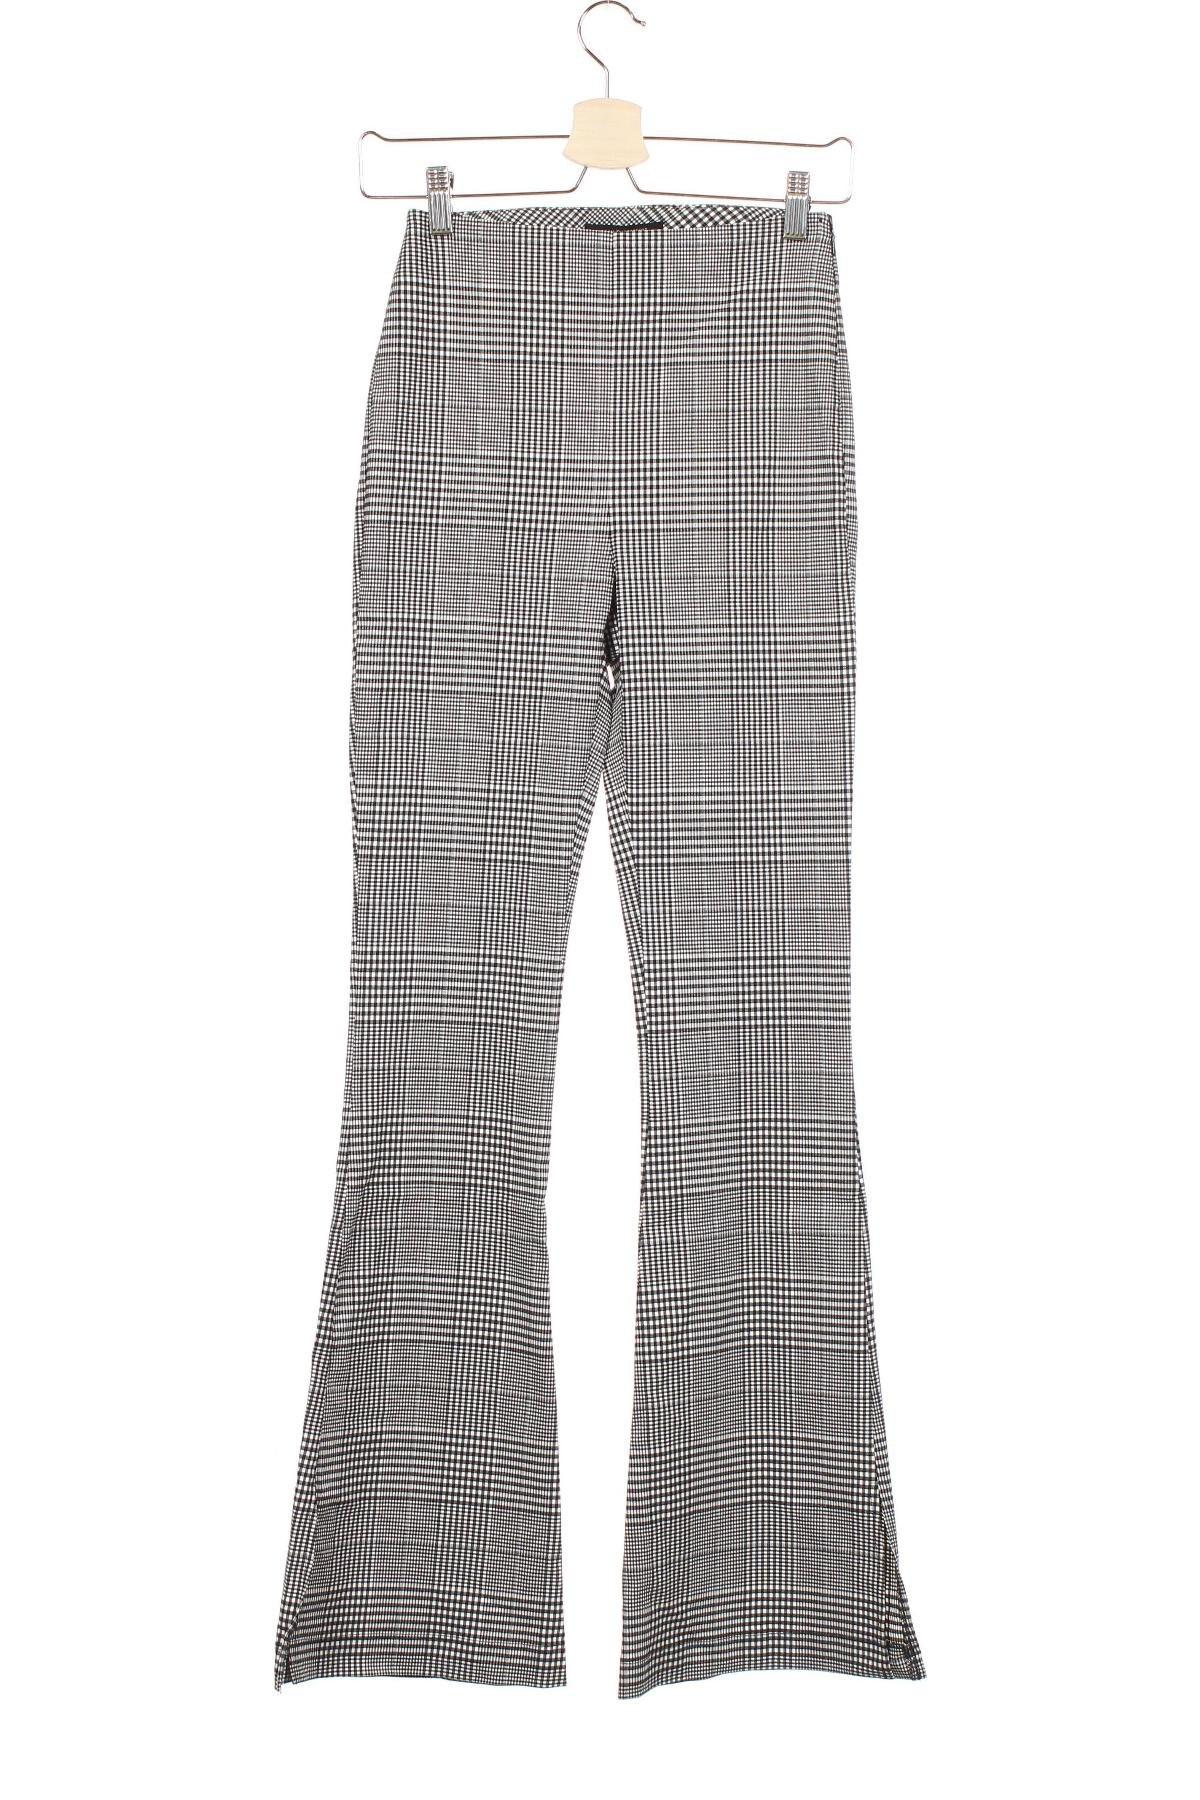 Дамски панталон Urban Outfitters, Размер XS, Цвят Черен, 71% вискоза, 15% полиестер, 10% полиамид, 4% еластан, Цена 17,93лв.